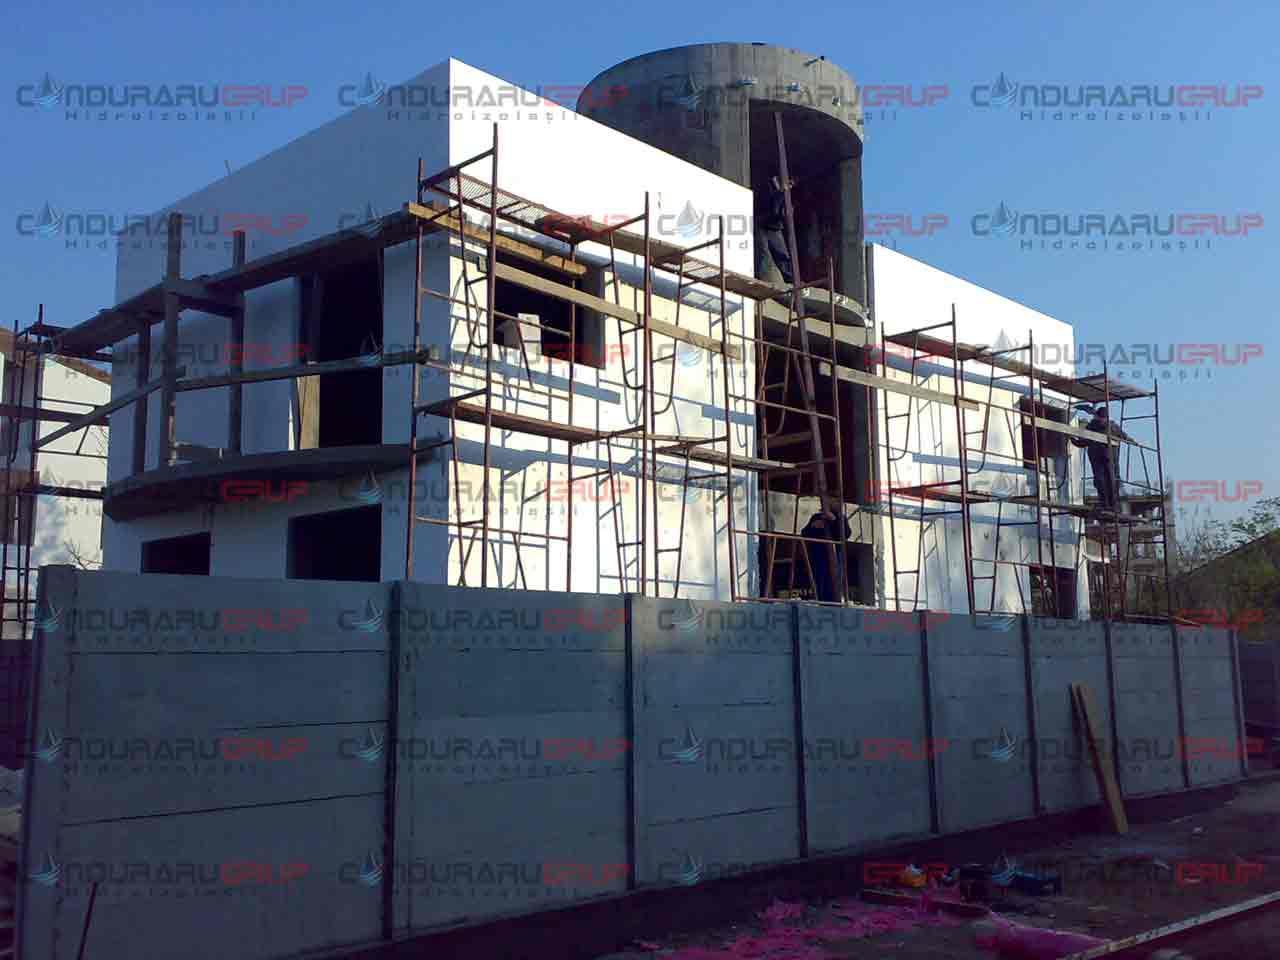 Constructii civile P+2 CONDURARU GRUP - Poza 1